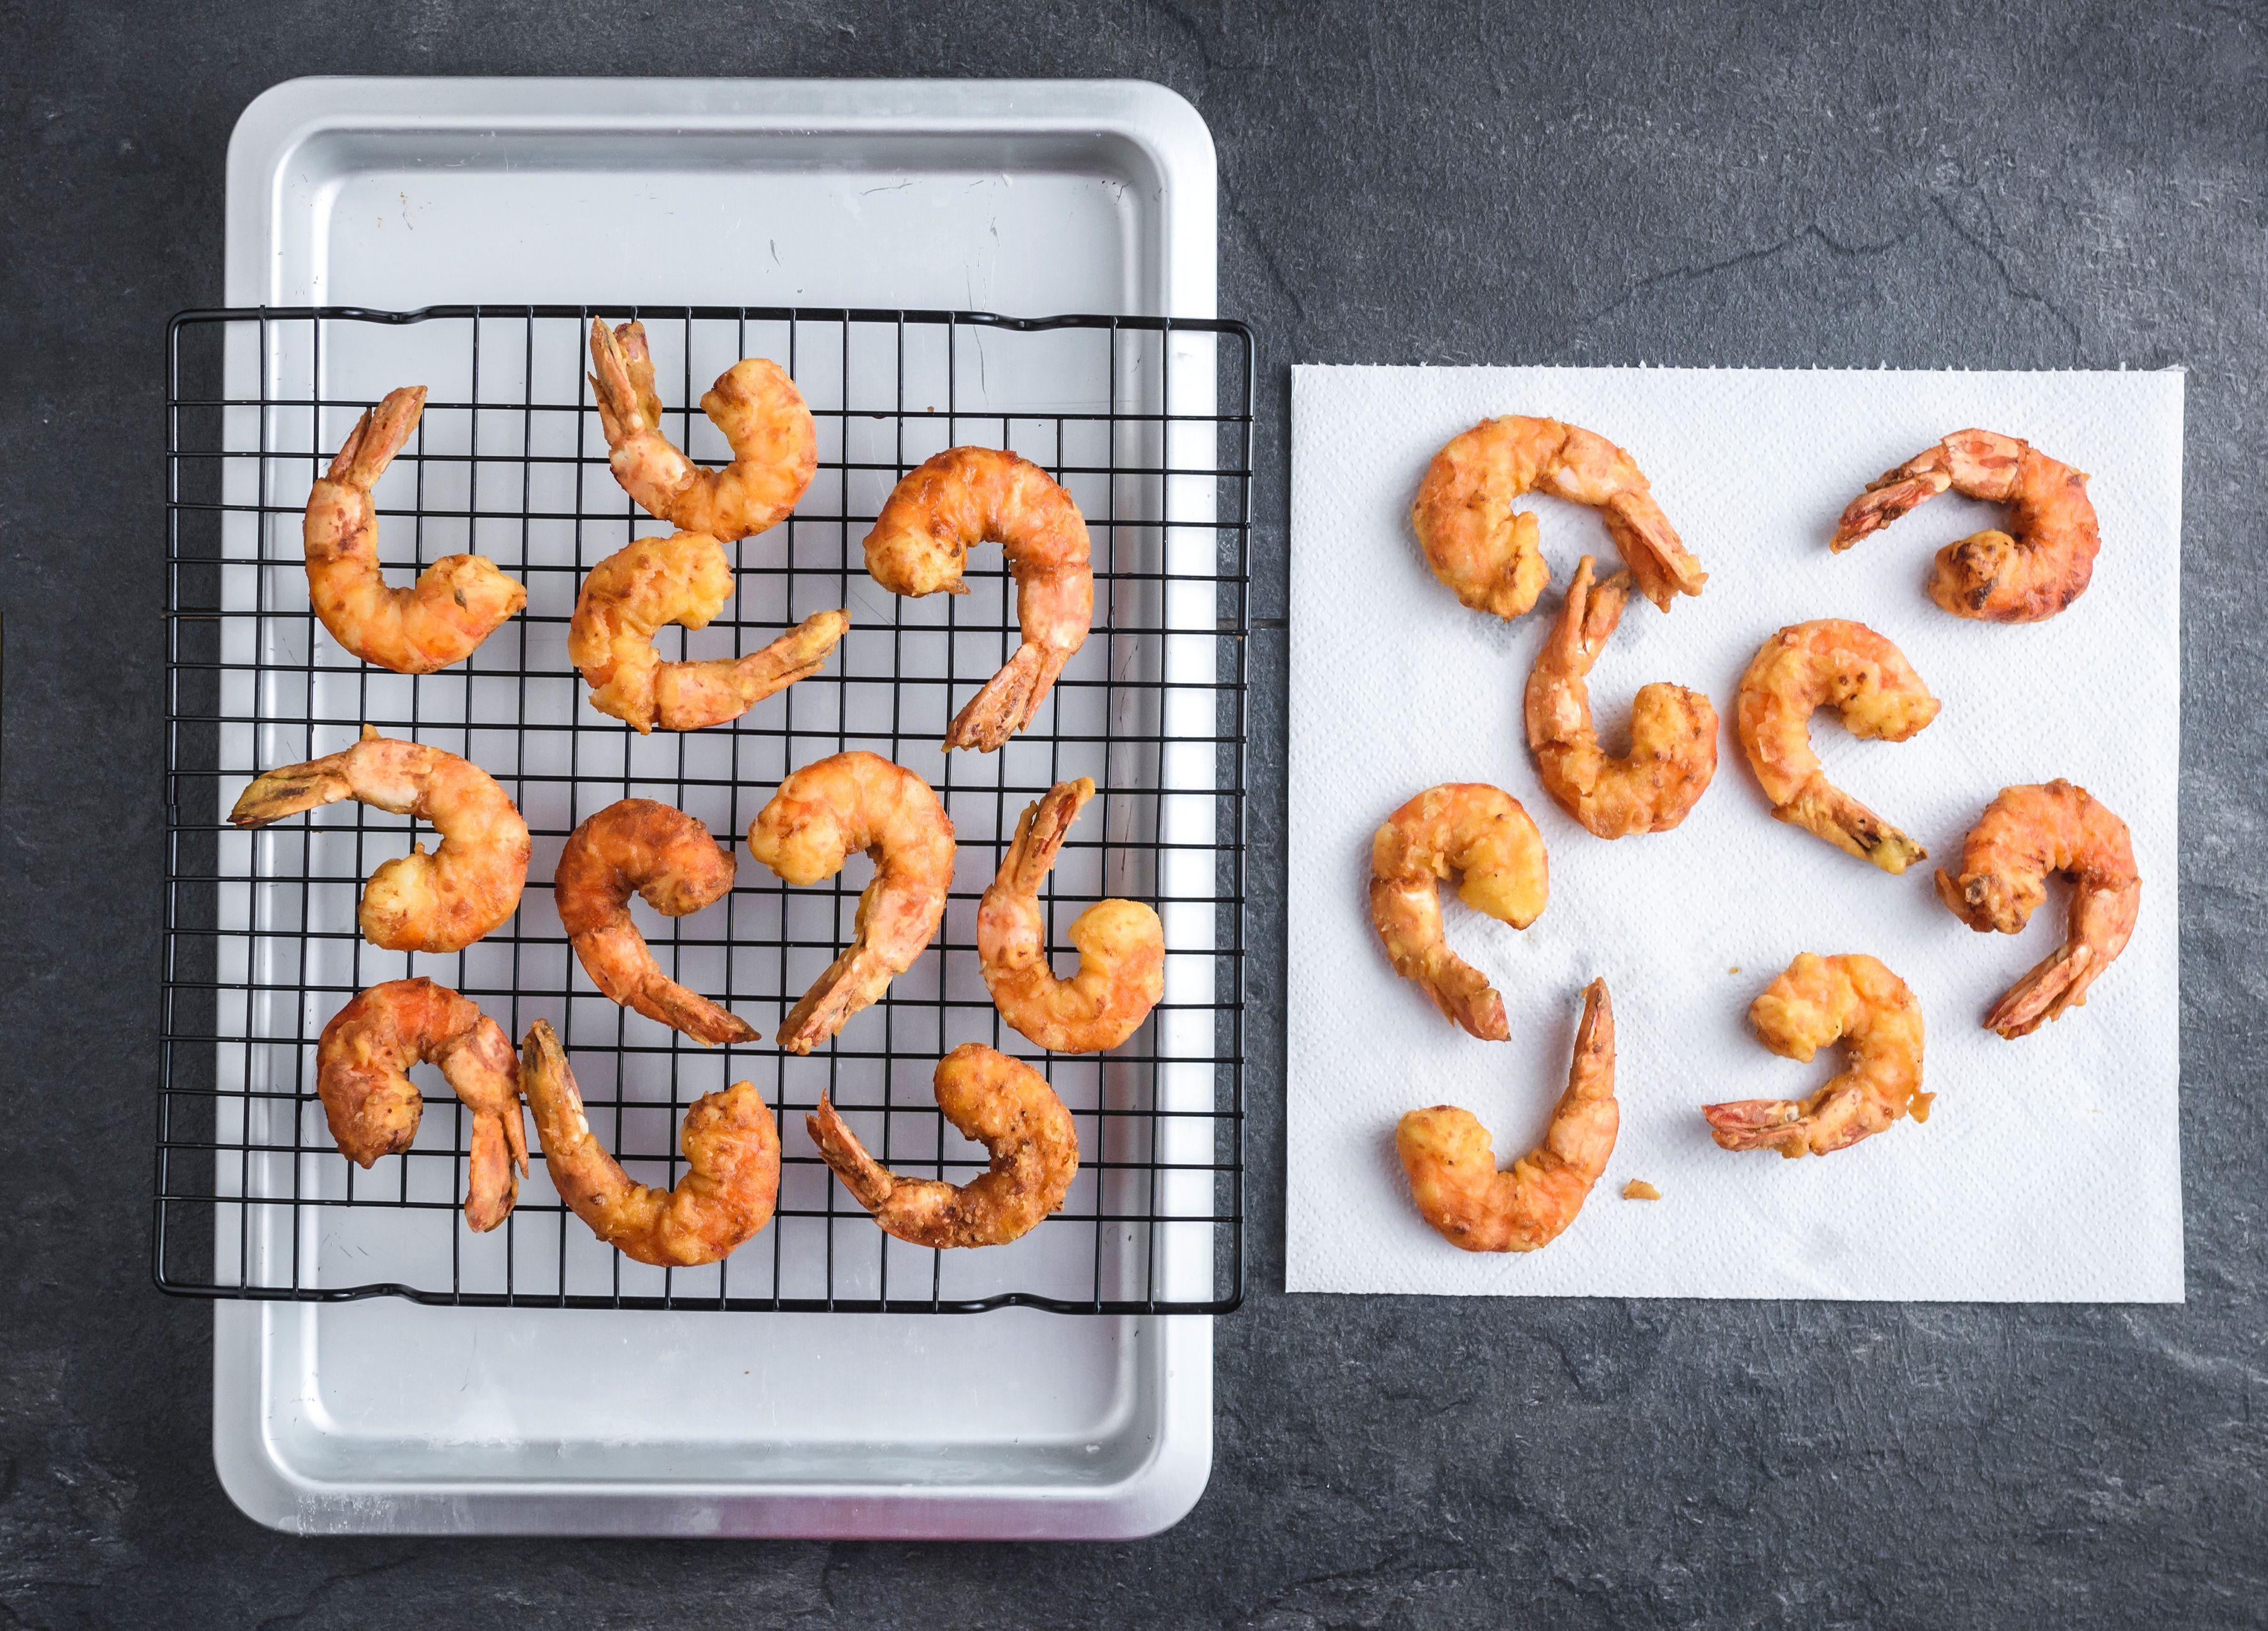 Cornmeal Fried Shrimp Recipe